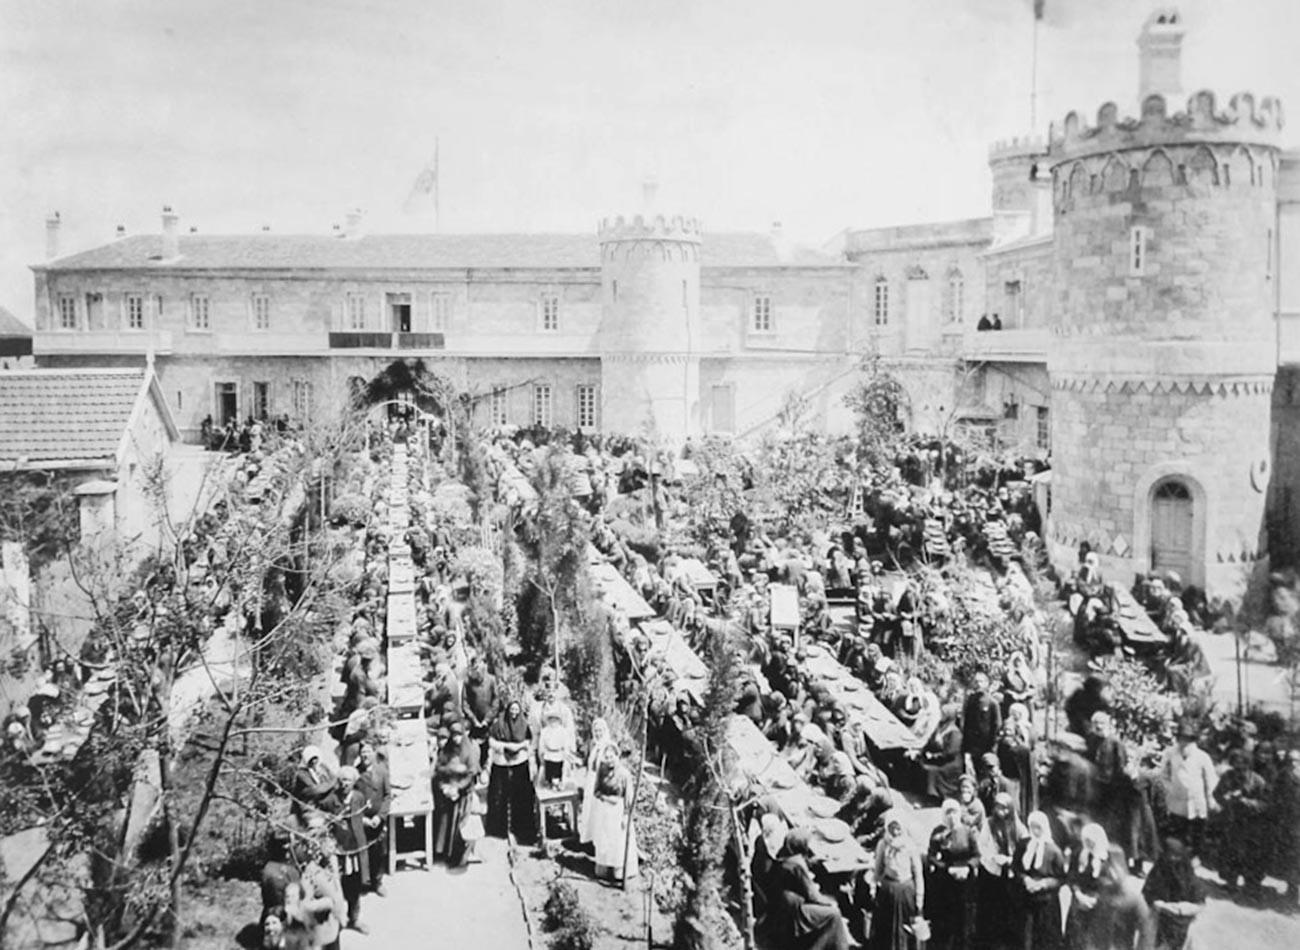 Свечана васкршња трпеза испред Сергијевог подворја Императорског православног палестинског друштва у Јерусалиму. Крај 19. века.